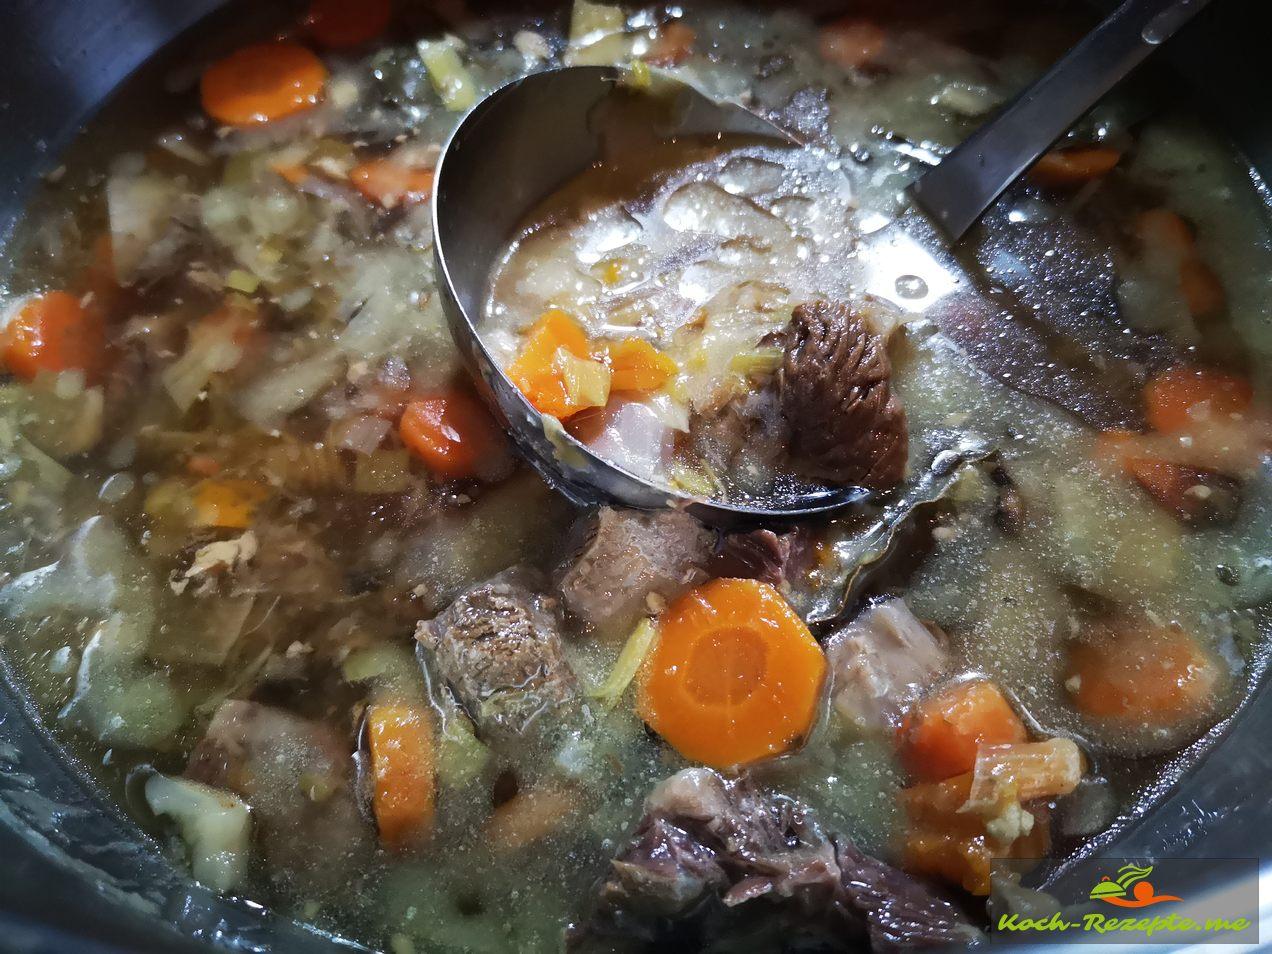 Nach 3 Stunden kochen eine gute Rindfleischbrühe, wichtig ohne Salz kochen